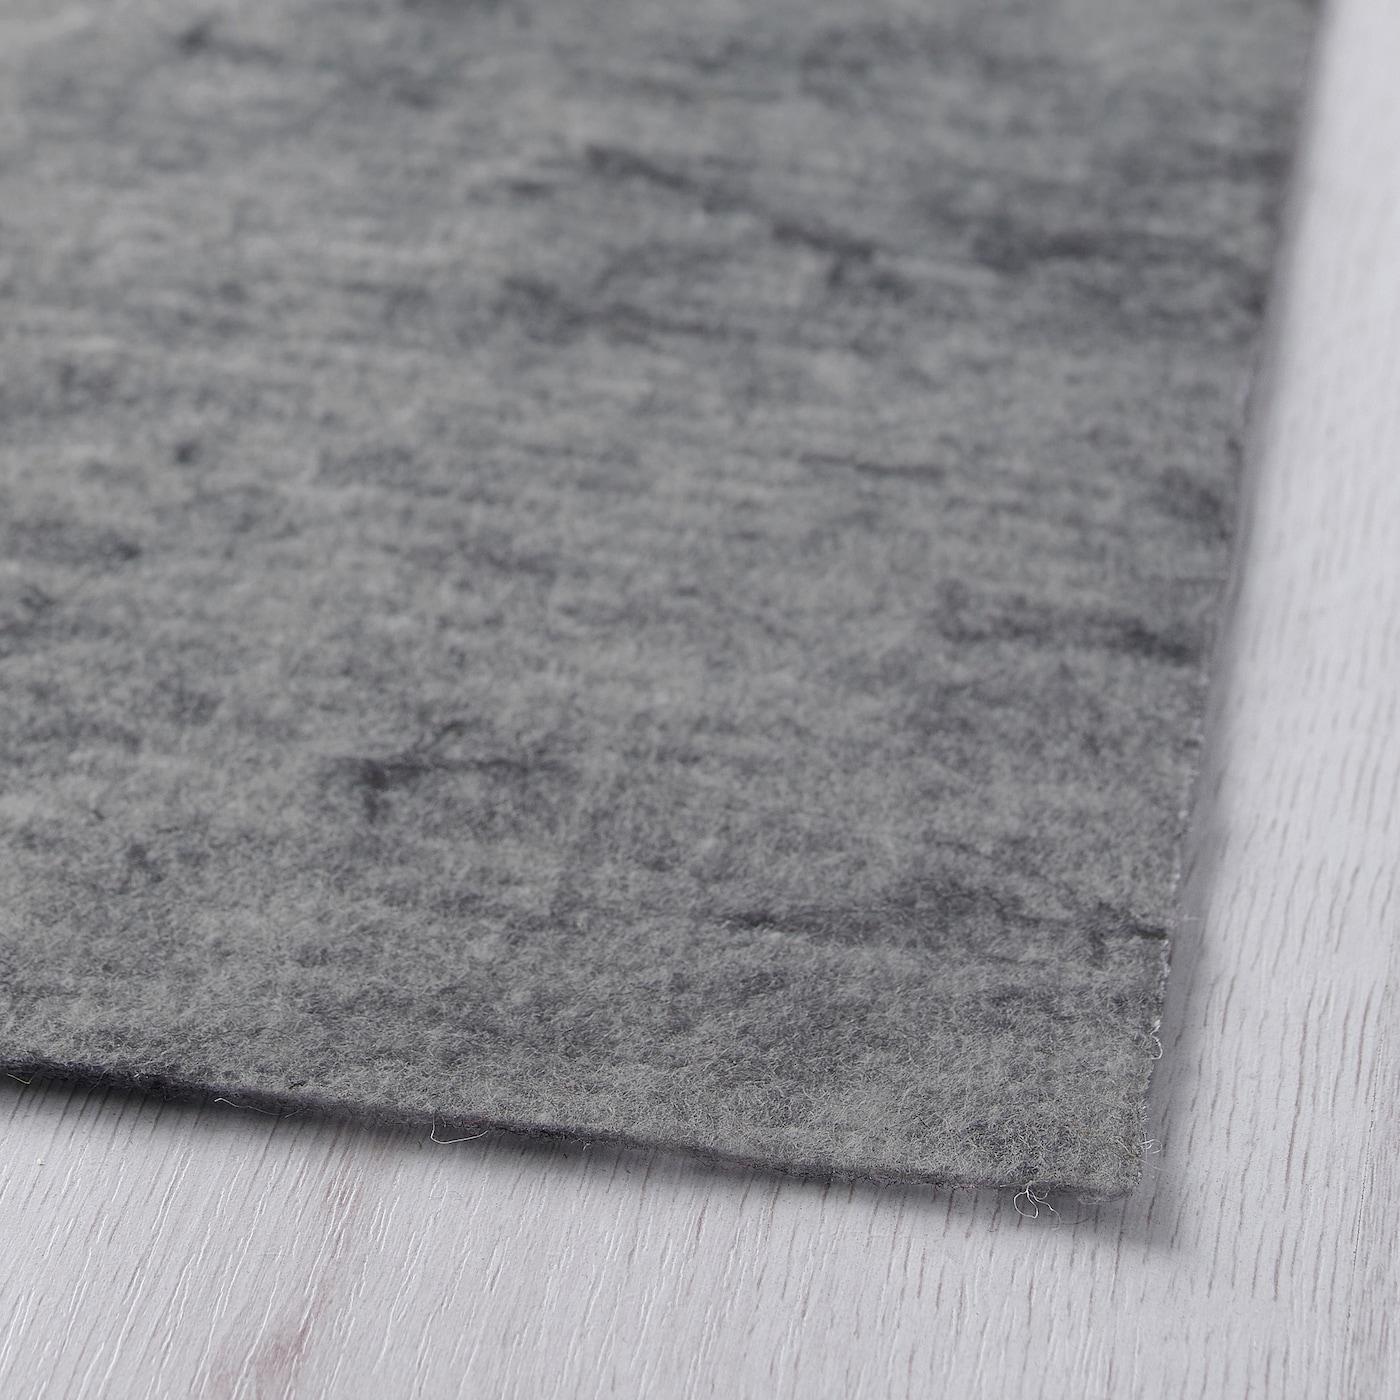 /éponge pour gymnastique Protection des genoux tapis de Yoga gainage /équipement de sport pour exercice de r/écup/ération /étirement Tapis dentra/înement pliable antid/érapant